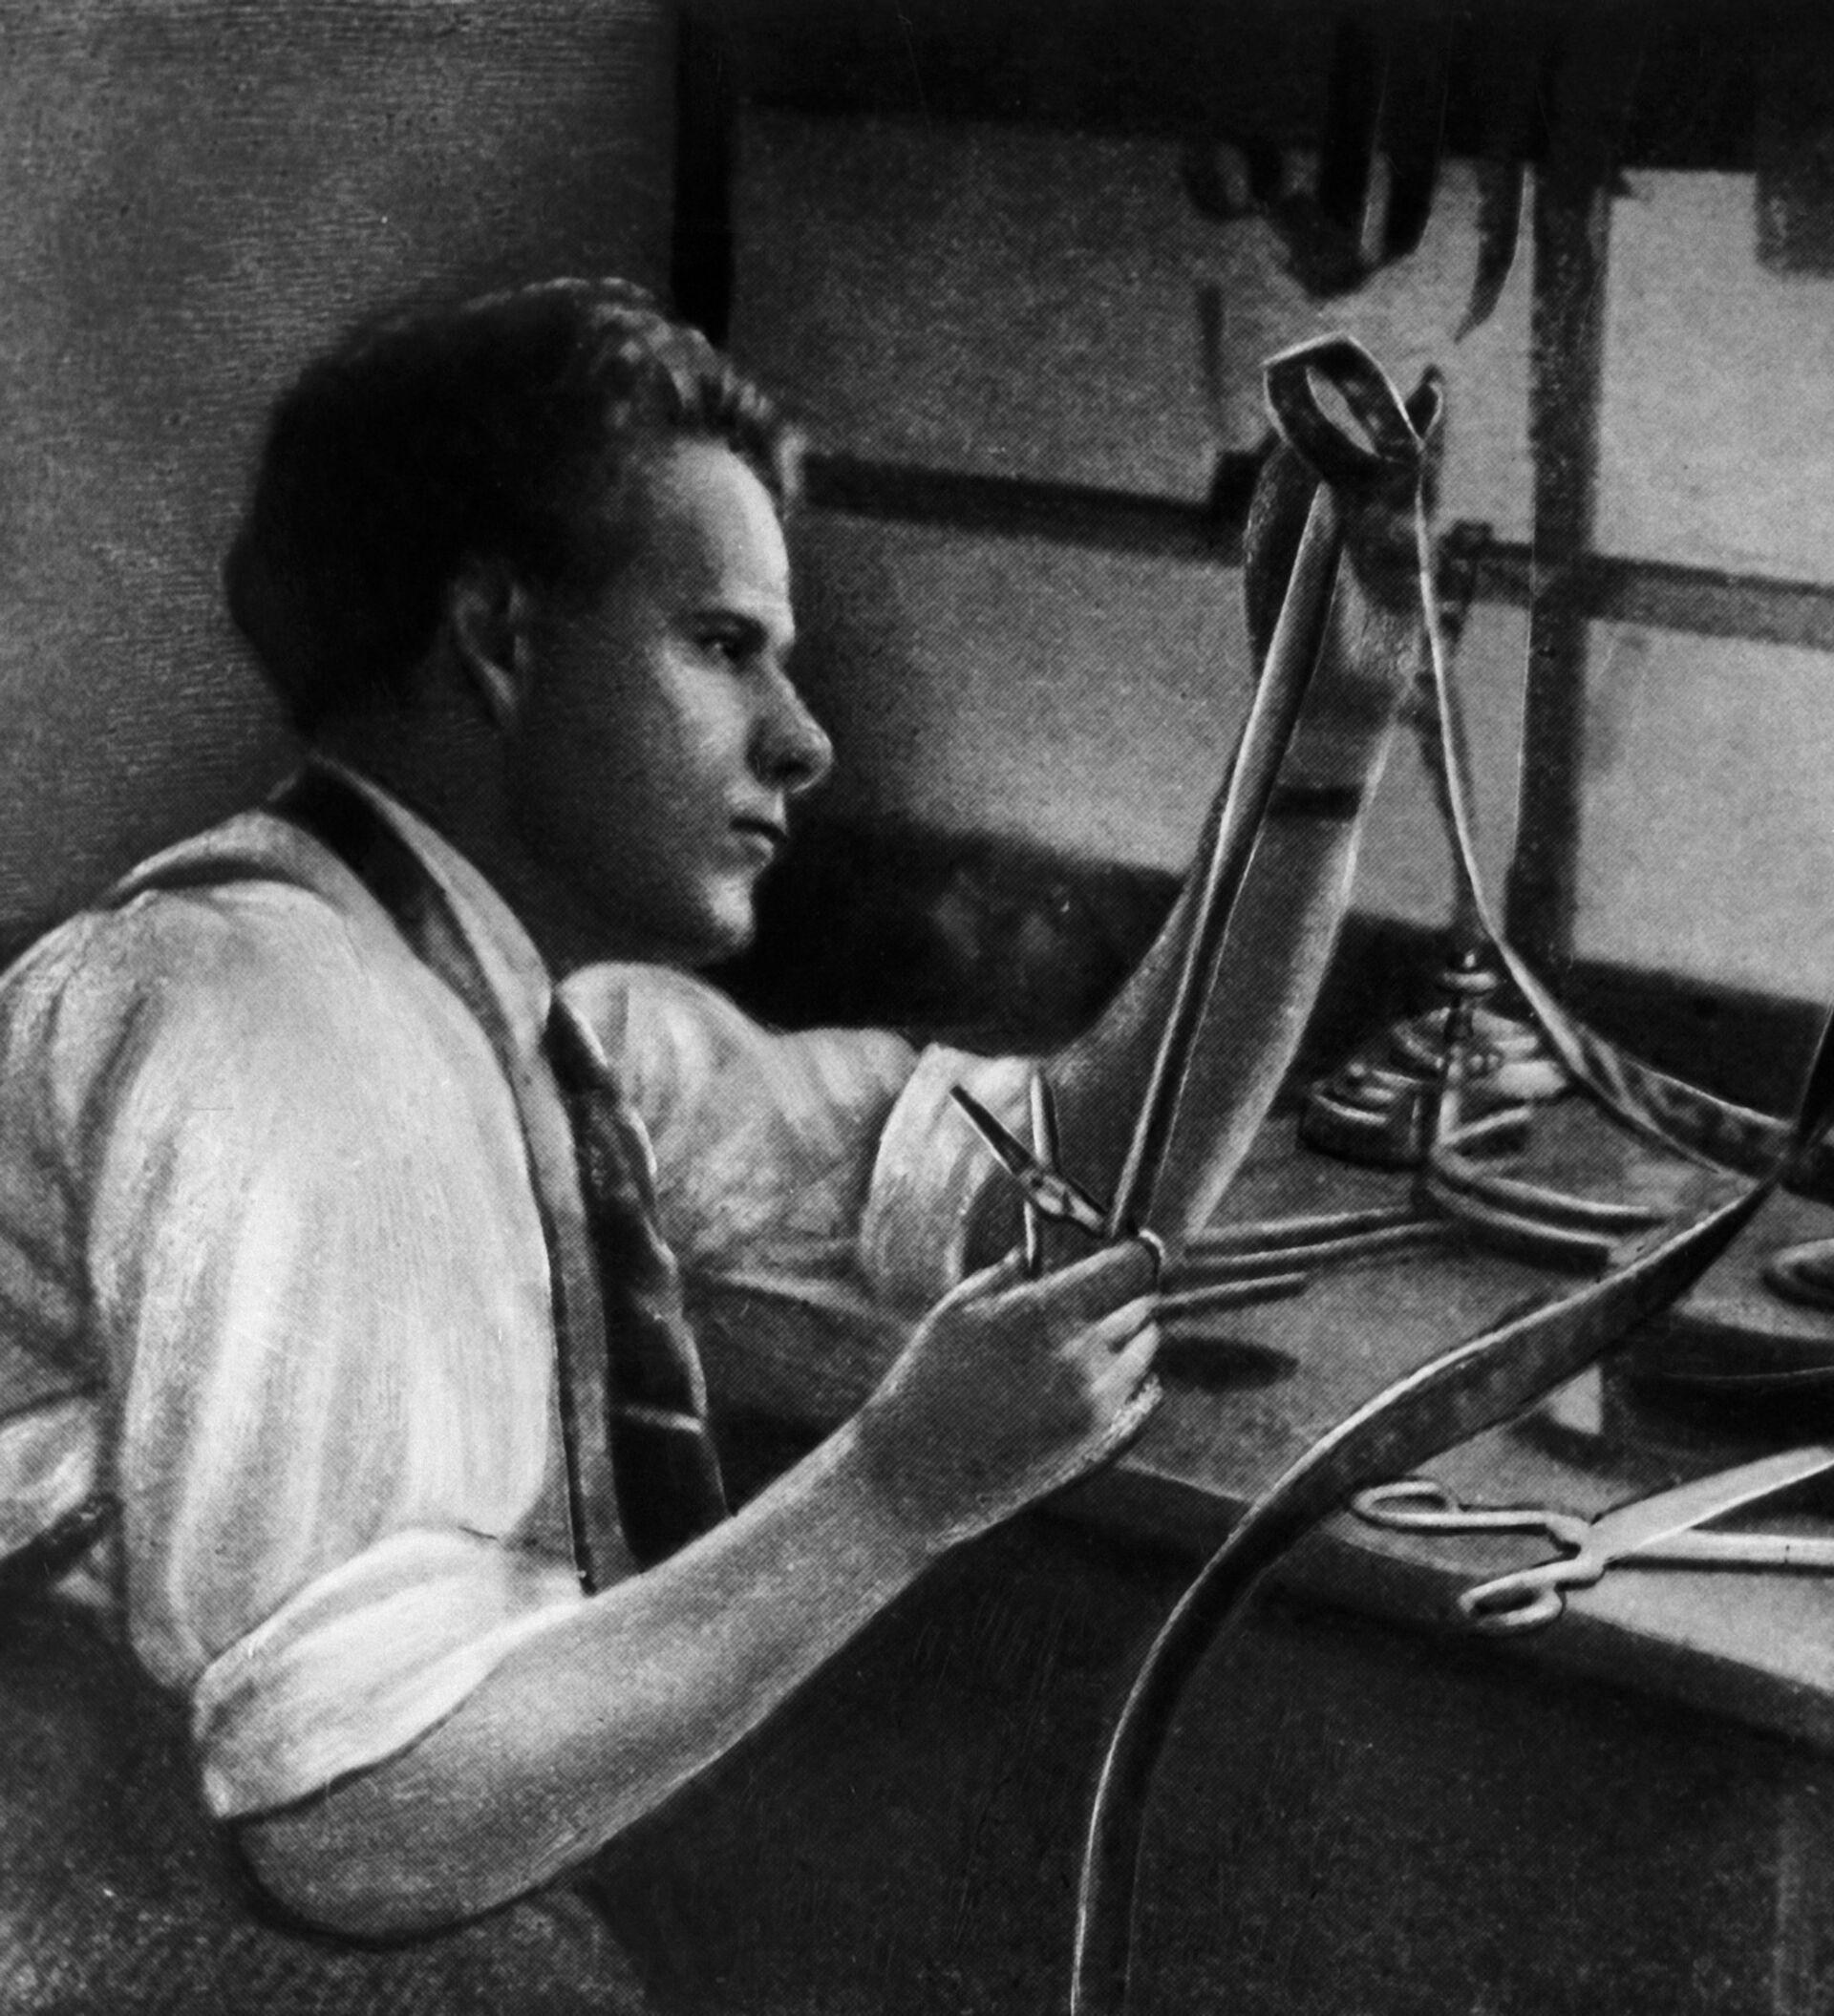 Eisenstein, el director soviético que marcó un antes y un después en la  historia del cine - 22.01.2018, Sputnik Mundo